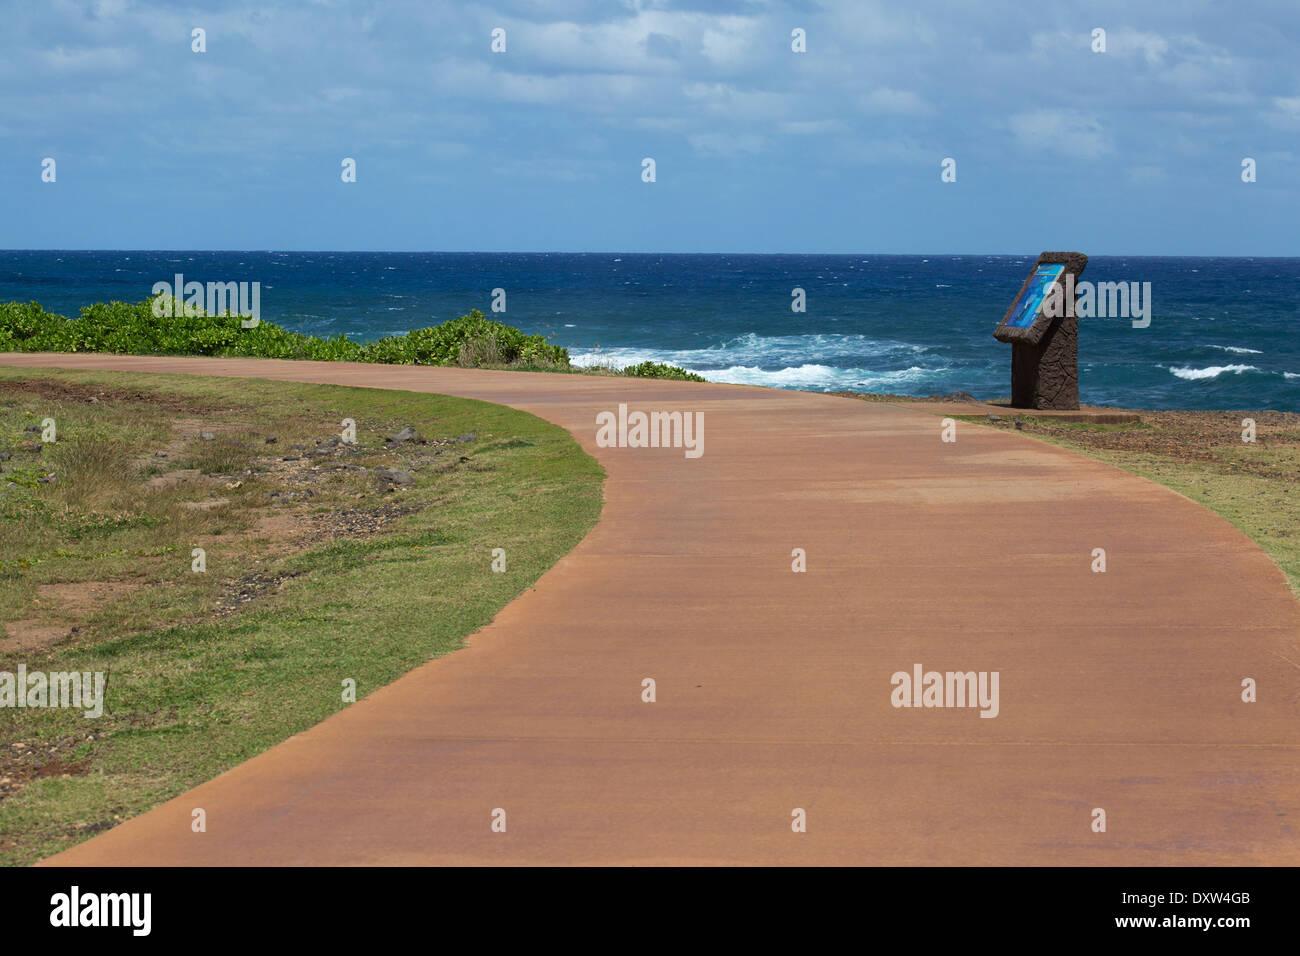 Interpretive sign on the Kauai shared-use path, Ke Ala Hele Makalae. - Stock Image